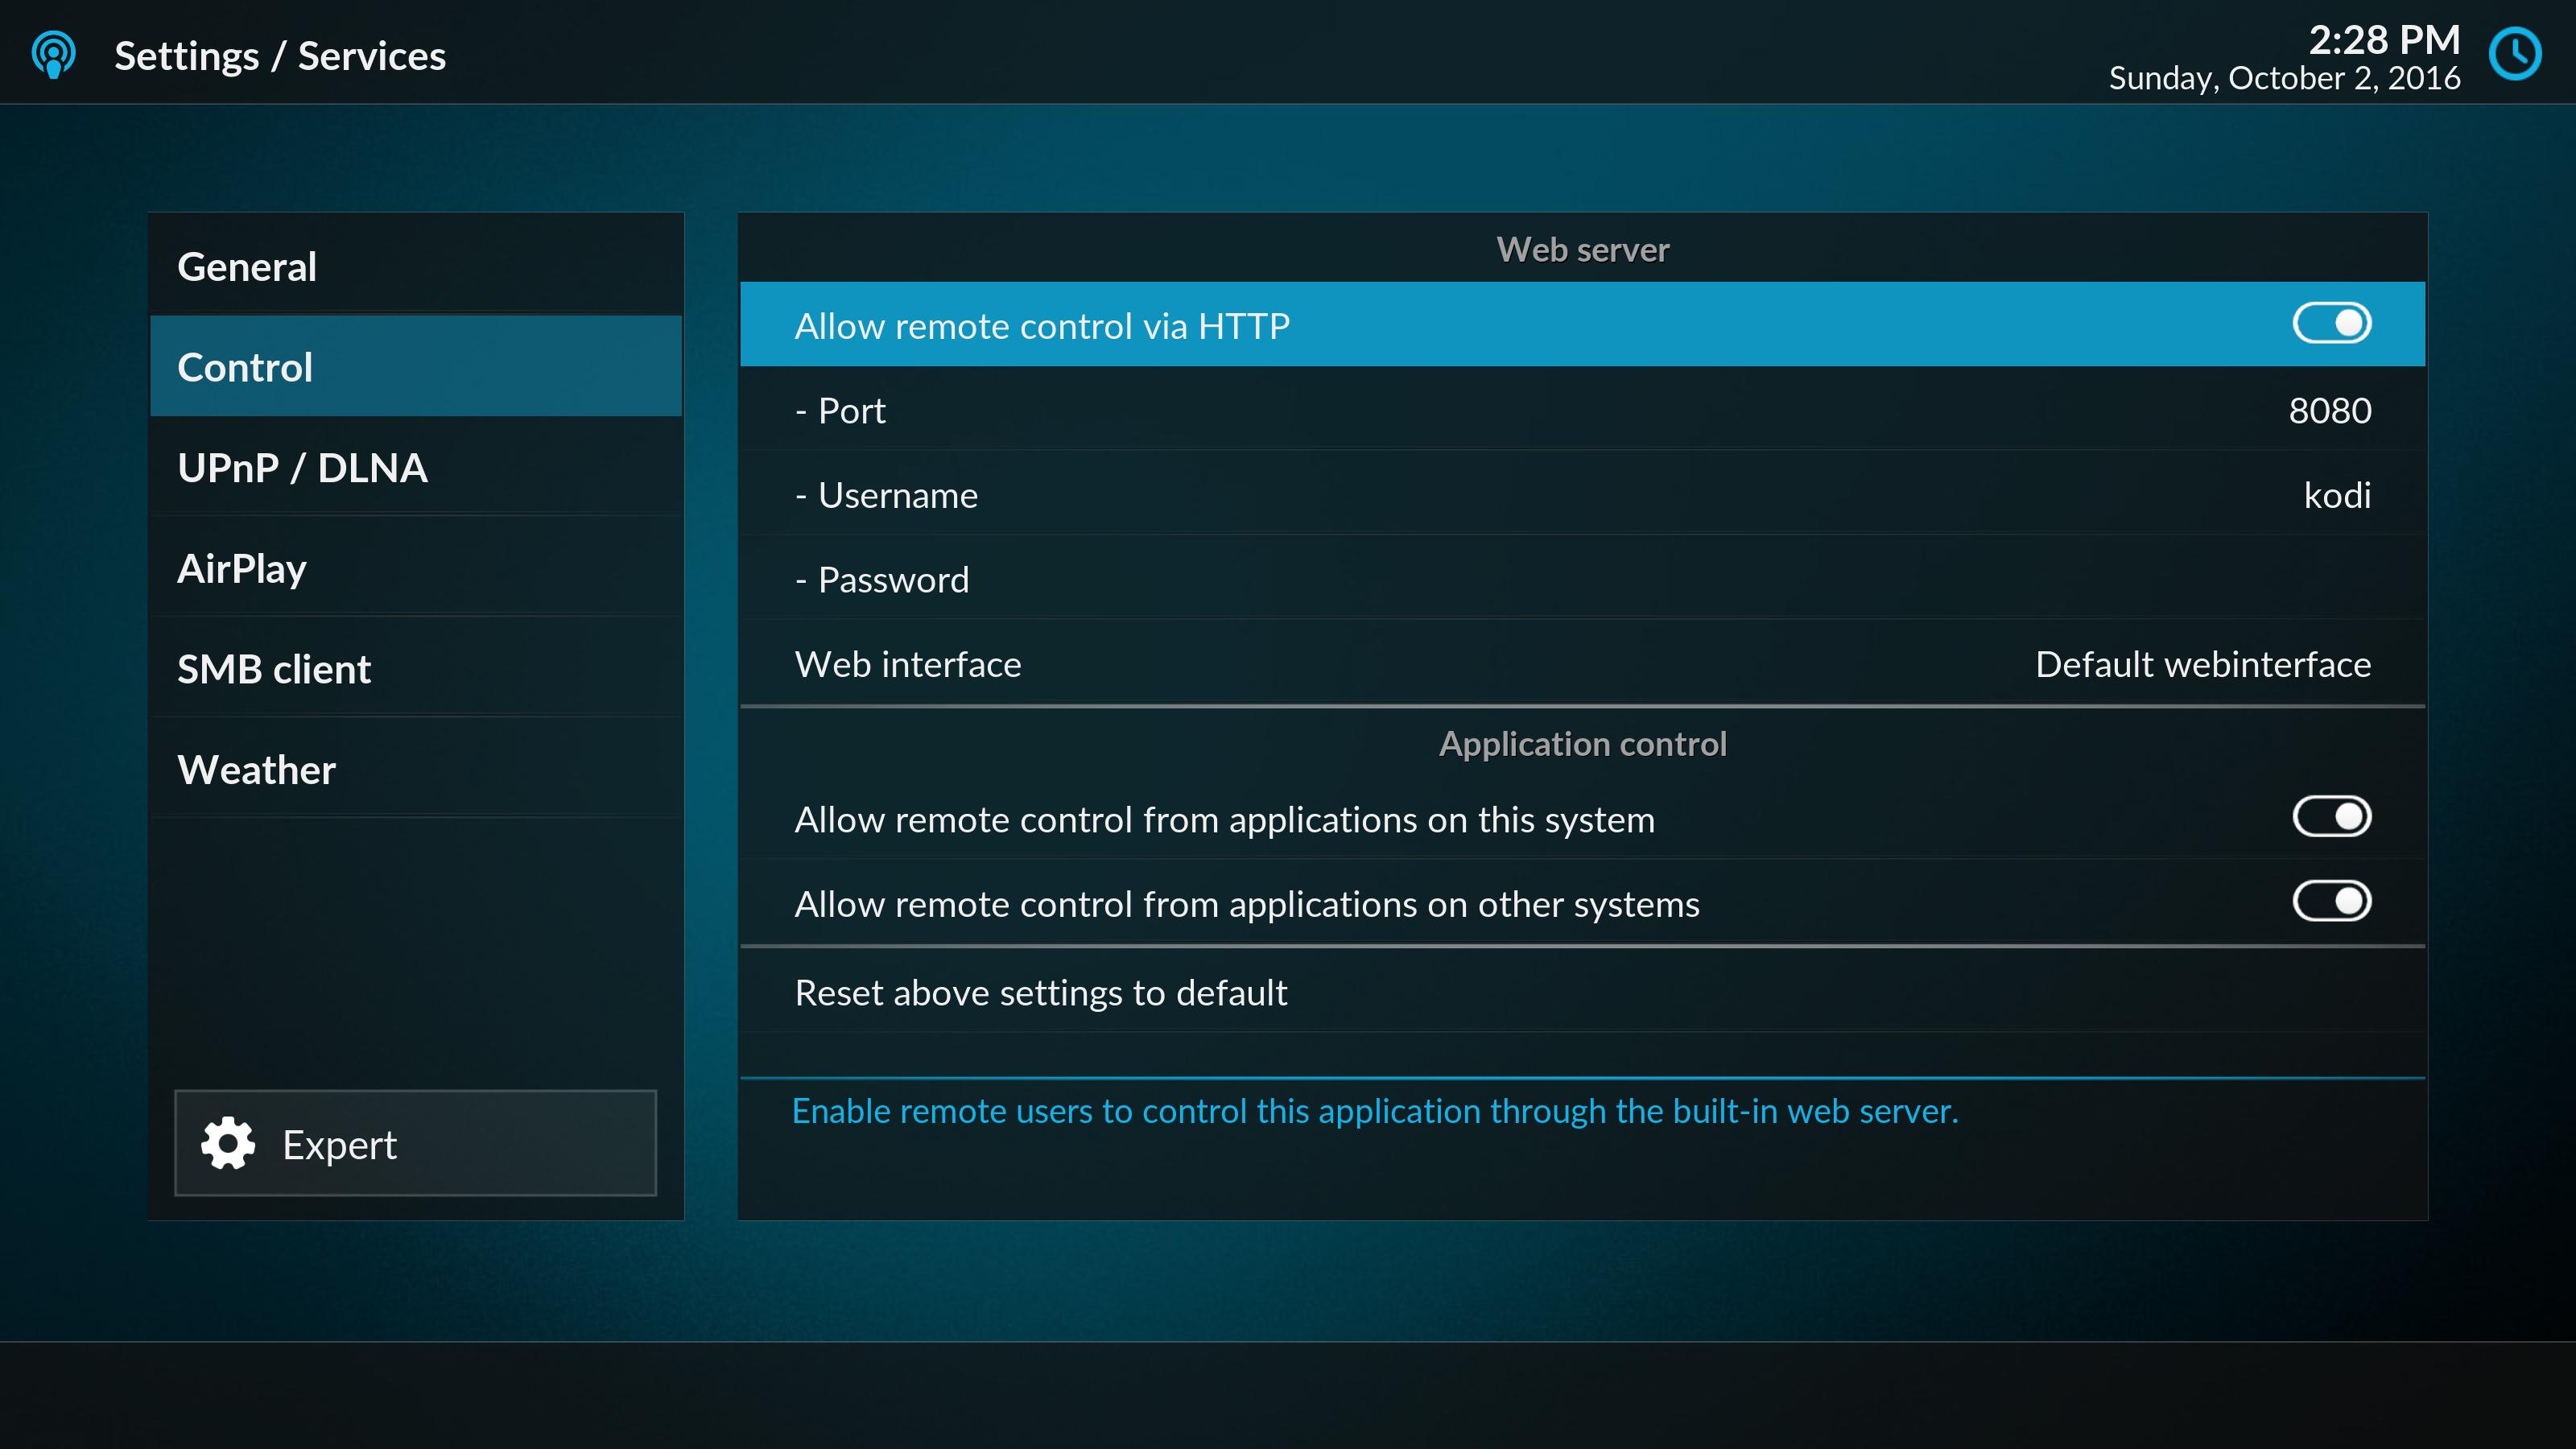 Kodi settings